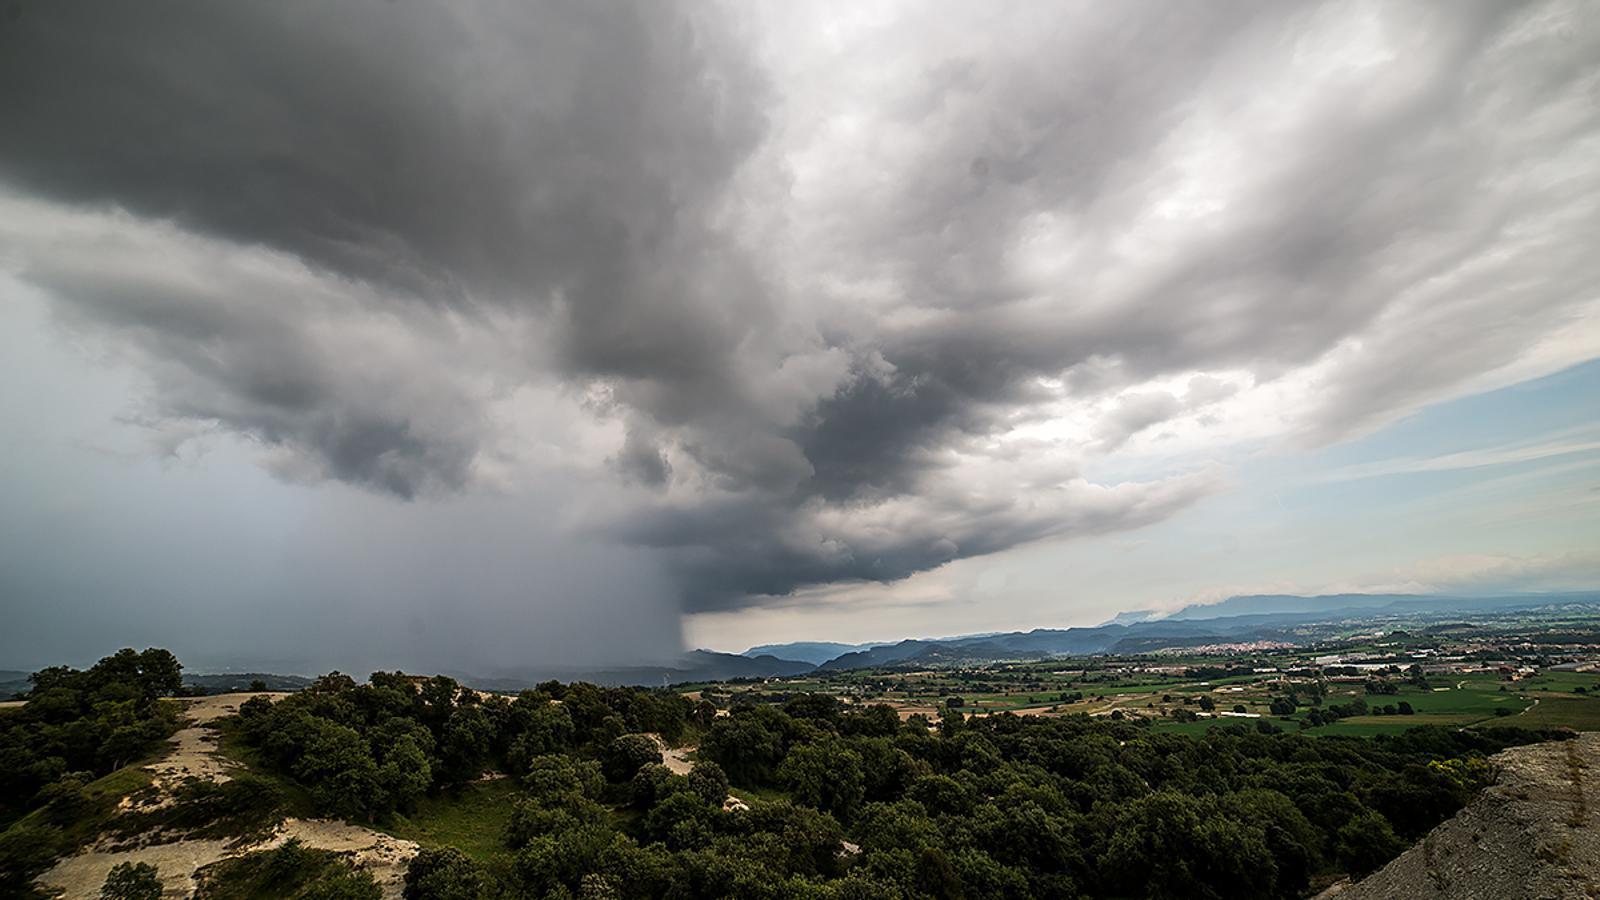 Tempesta d'ahir a la tarda a Osona, Manlleu / CARME MOLIST